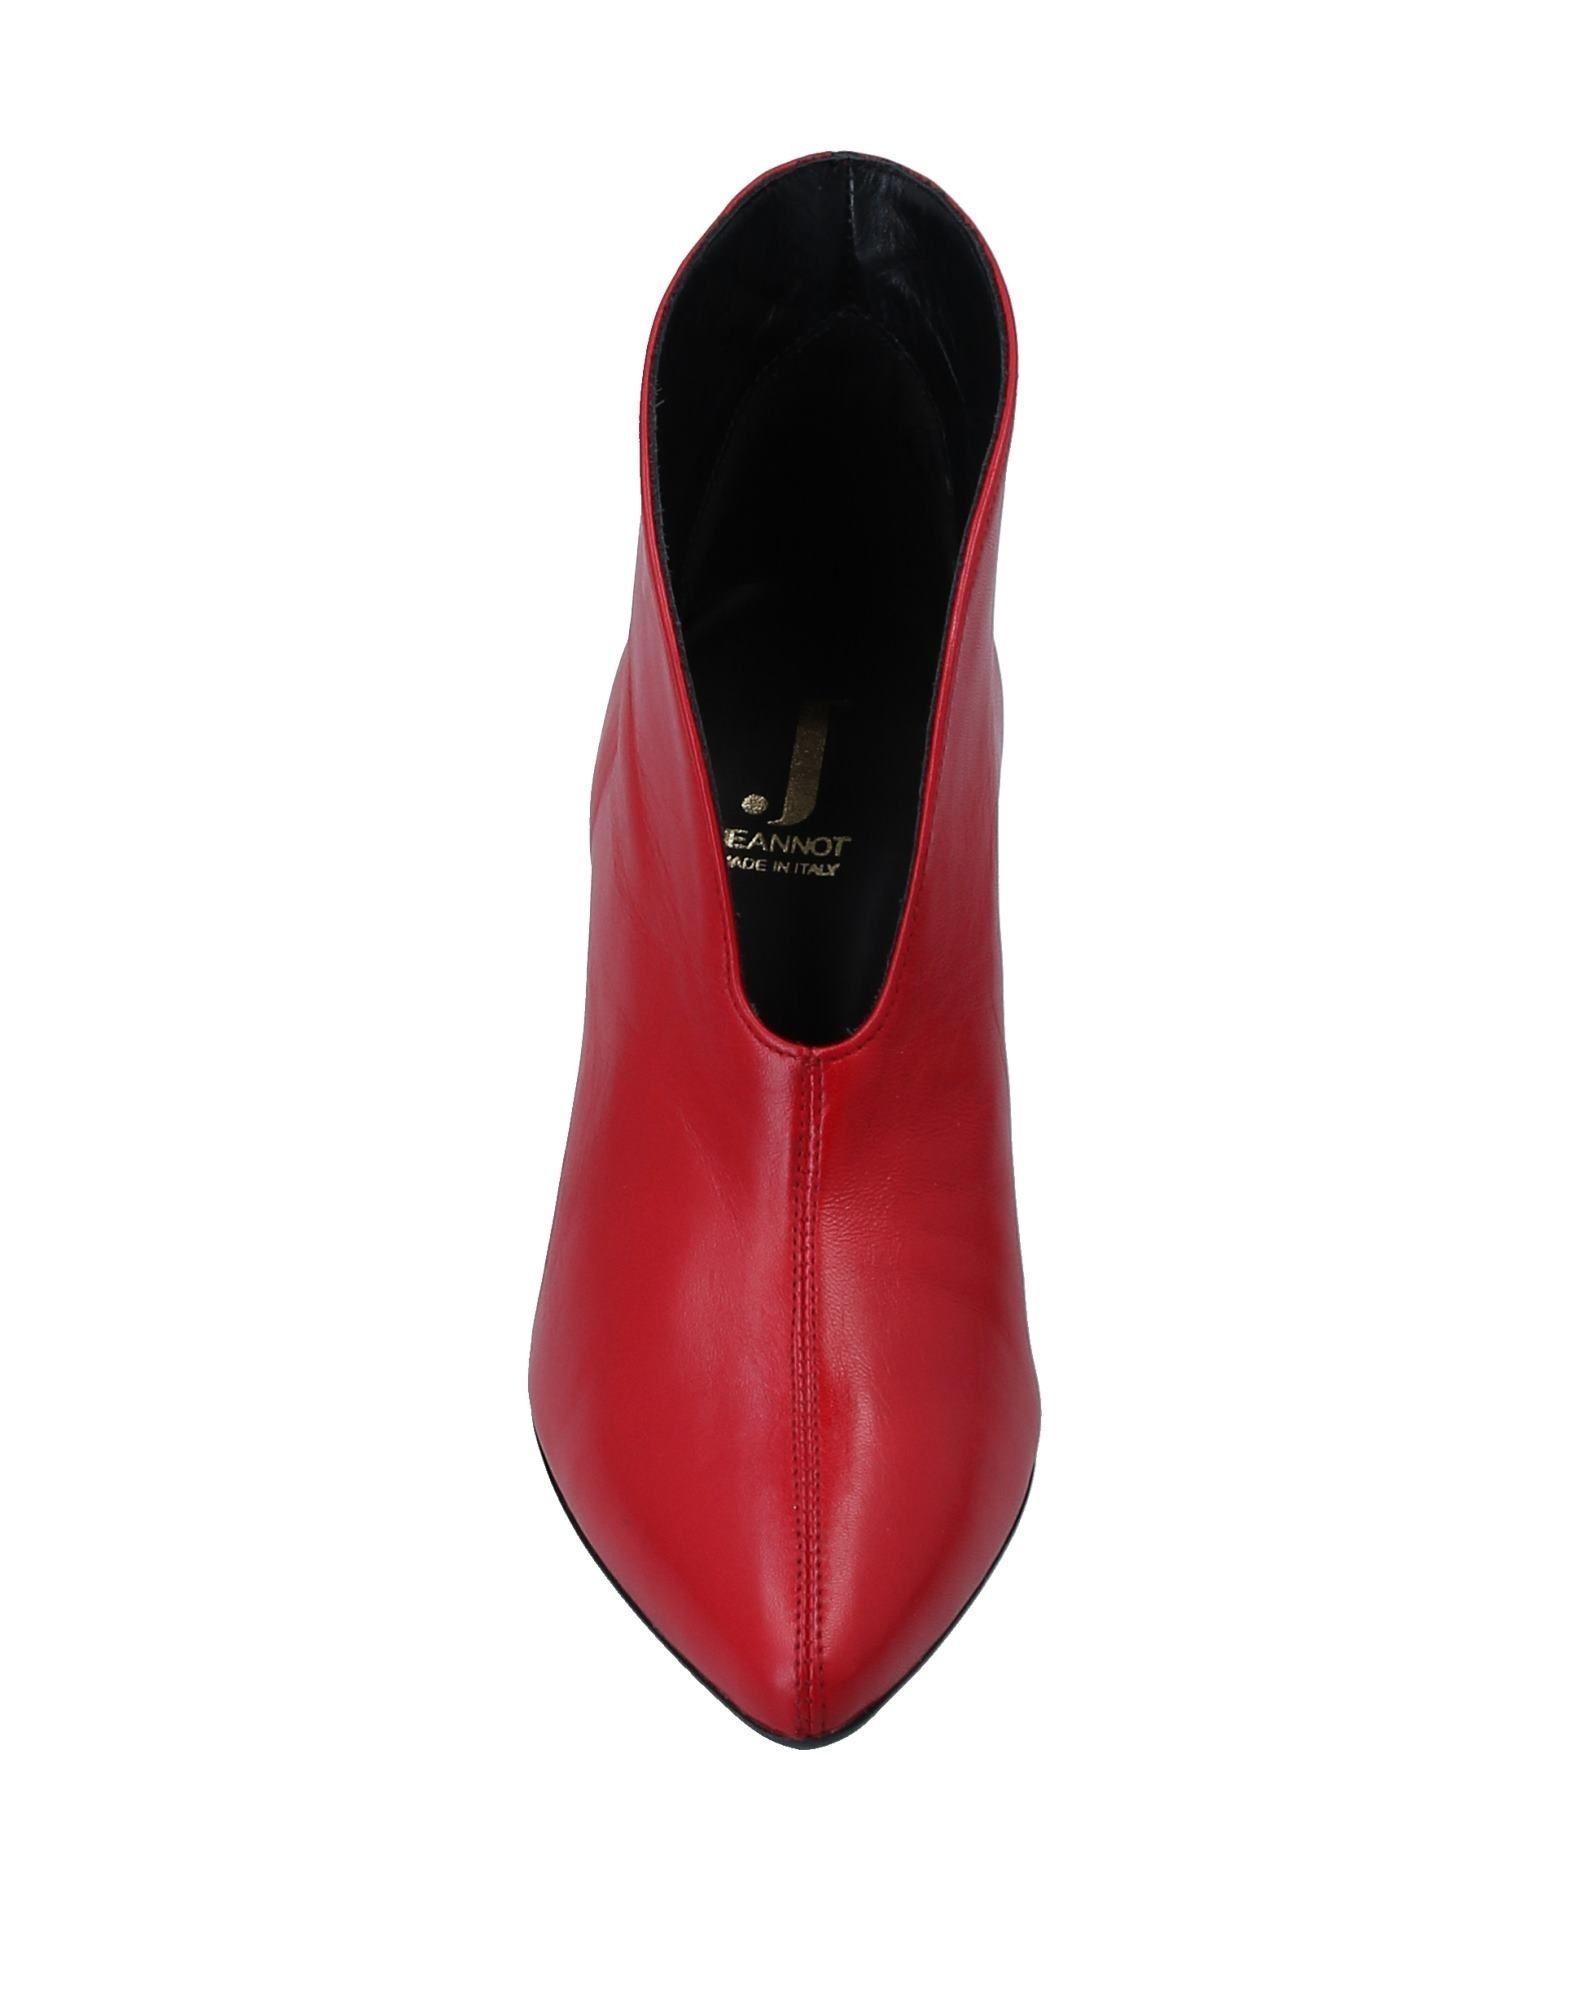 Botines de caña alta Jeannot de Cuero de color Rojo